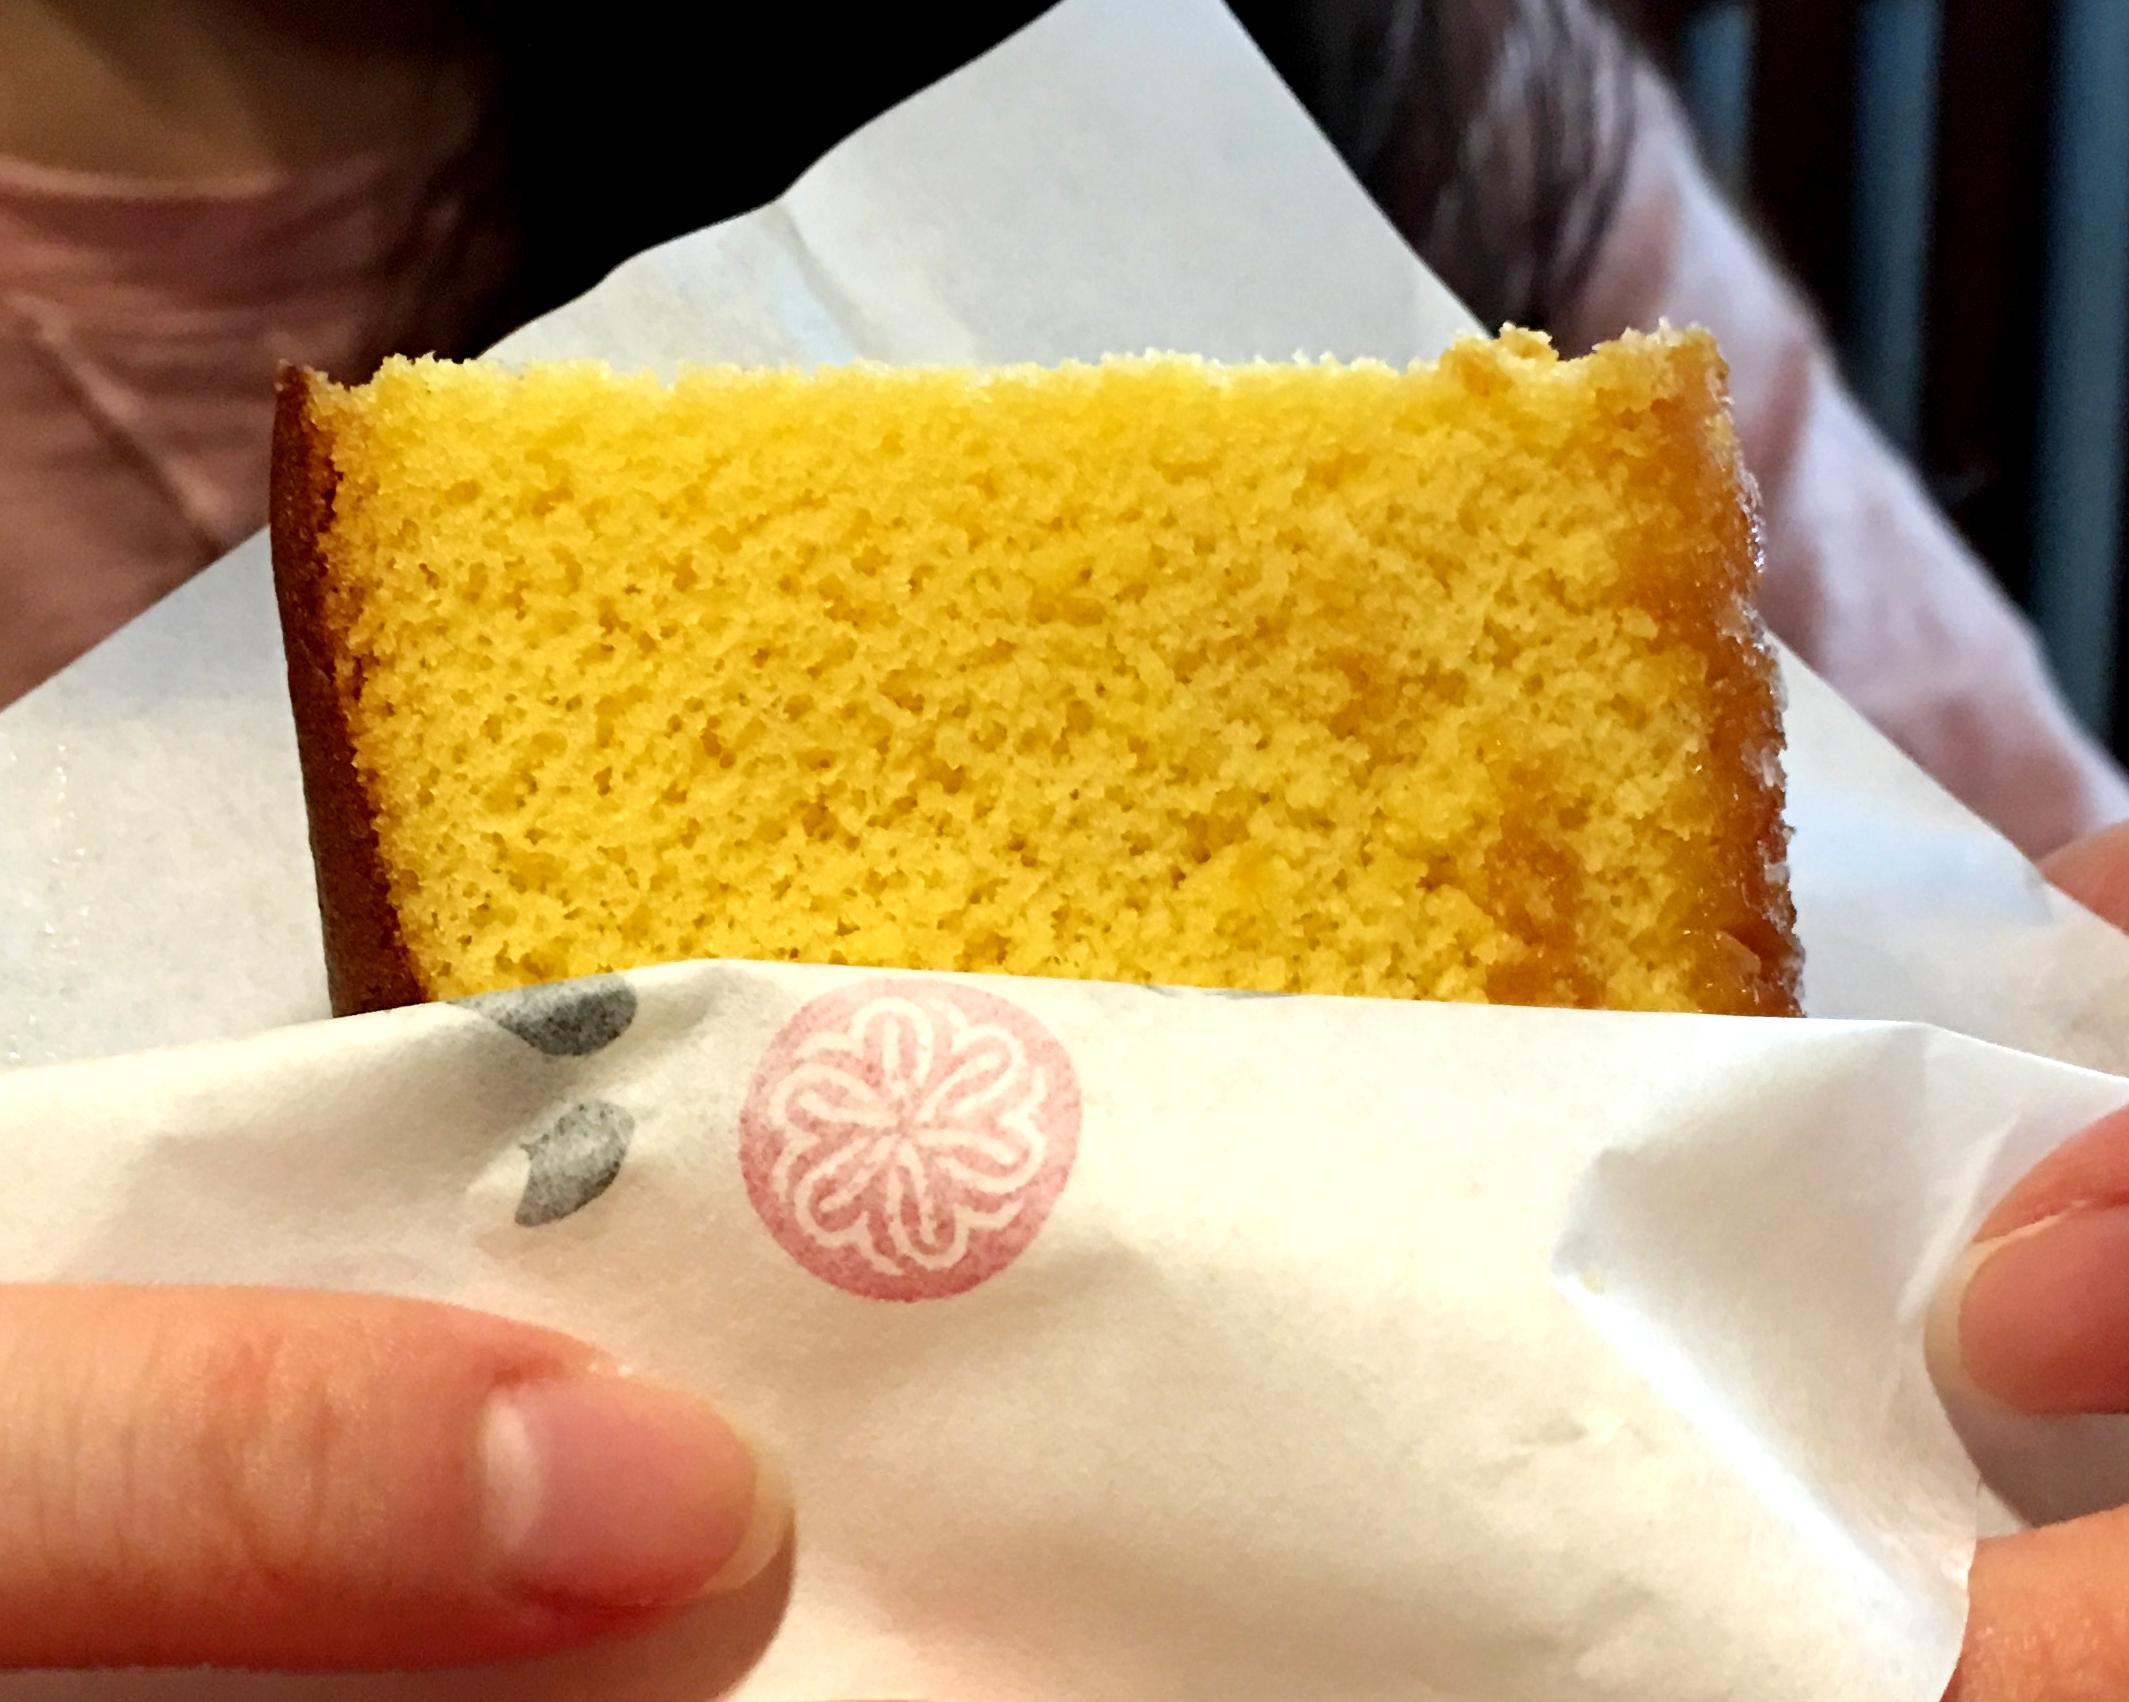 沒有添加油脂但吃起來不會乾,下面有粗糖粒多了一份口感